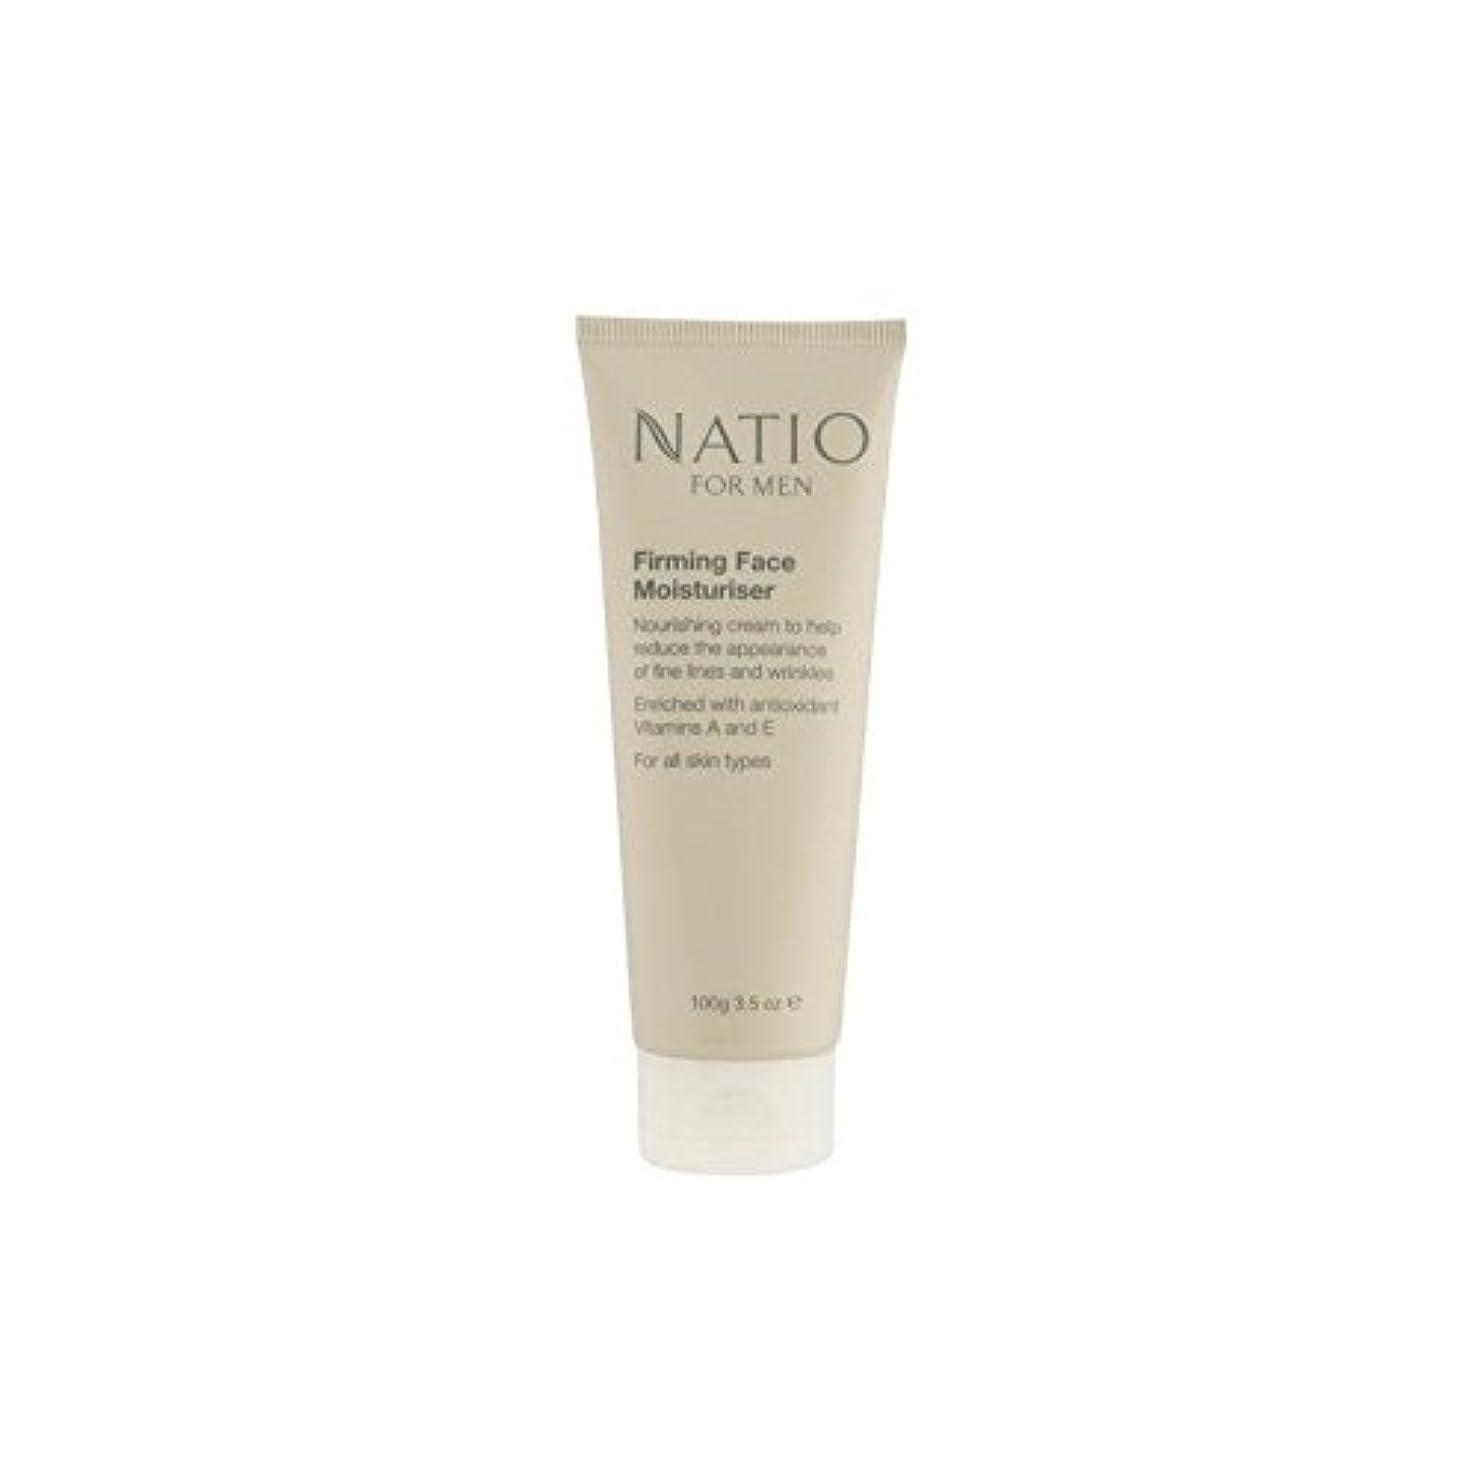 禁止する植物学者平衡顔の保湿剤を引き締め男性のための(100グラム) x4 - Natio For Men Firming Face Moisturiser (100G) (Pack of 4) [並行輸入品]